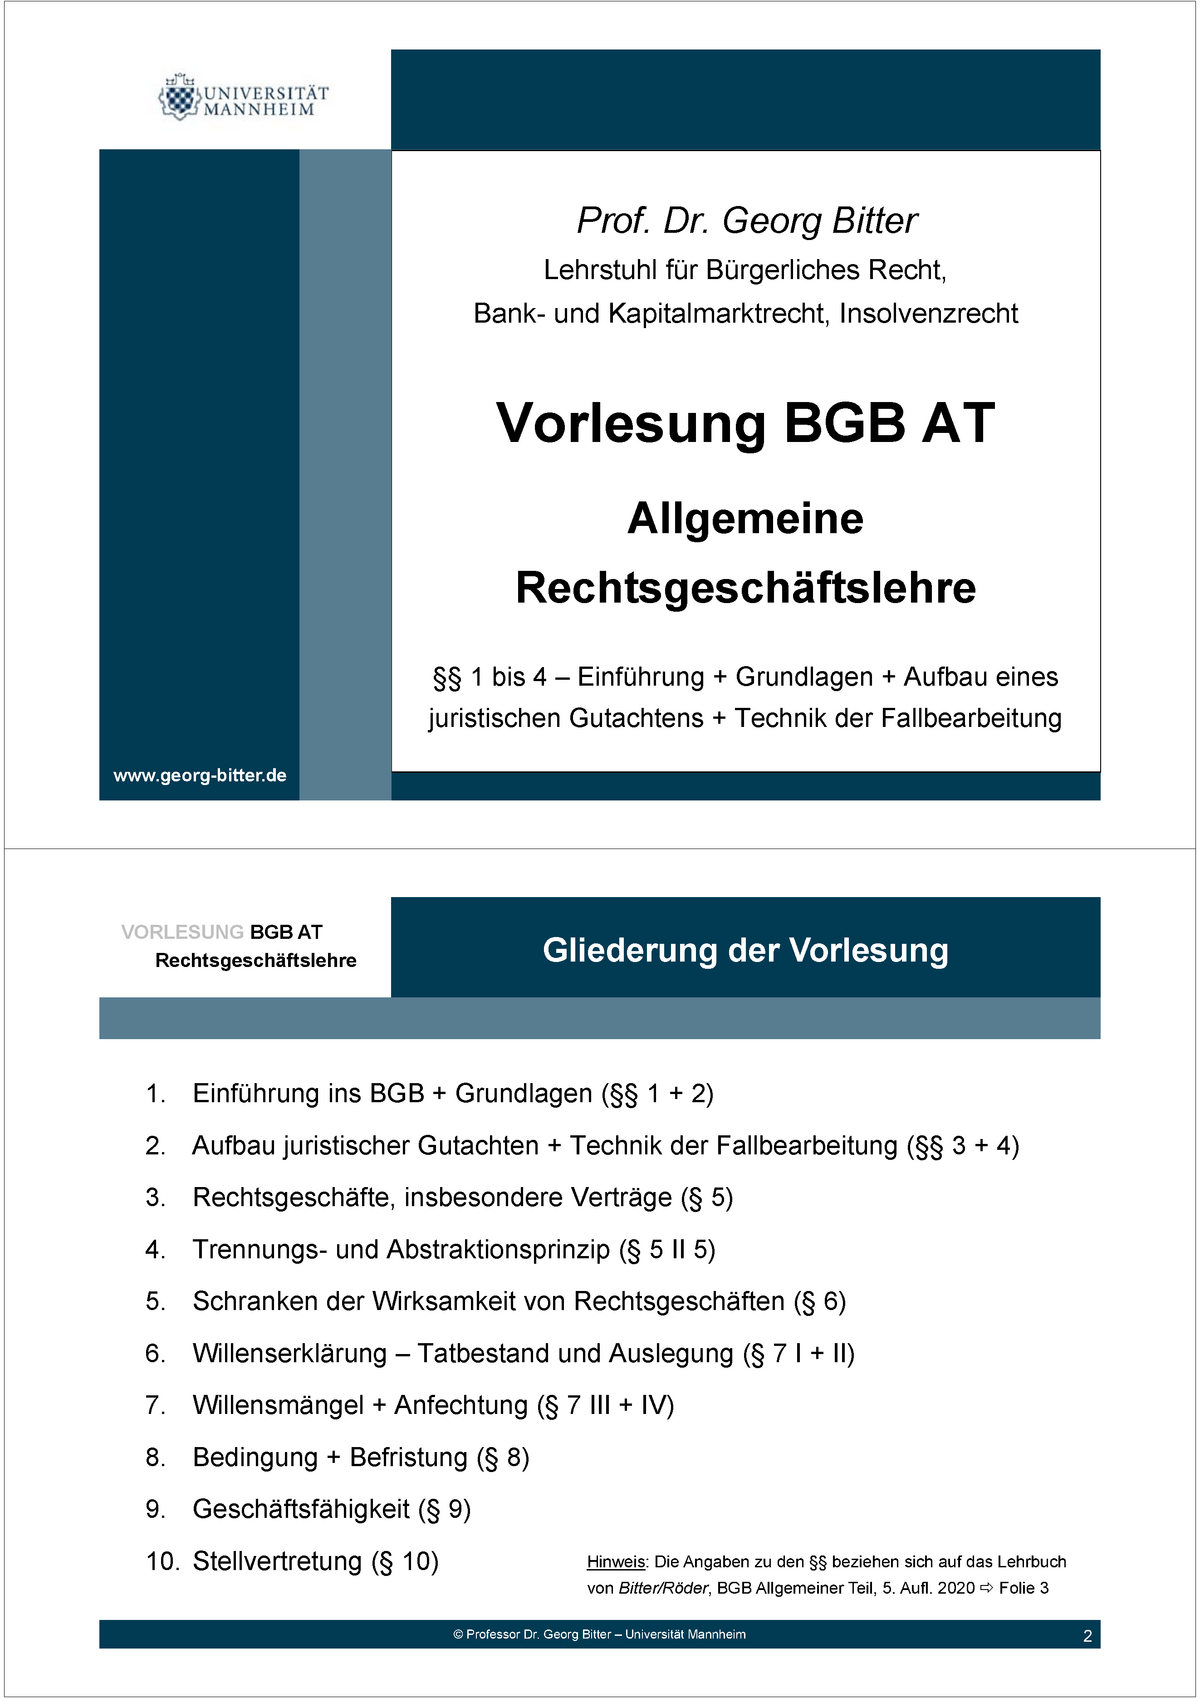 Bgb at folien 20 paragraph 20 20   Allgemeine Rechtsgeschäftslehre ...